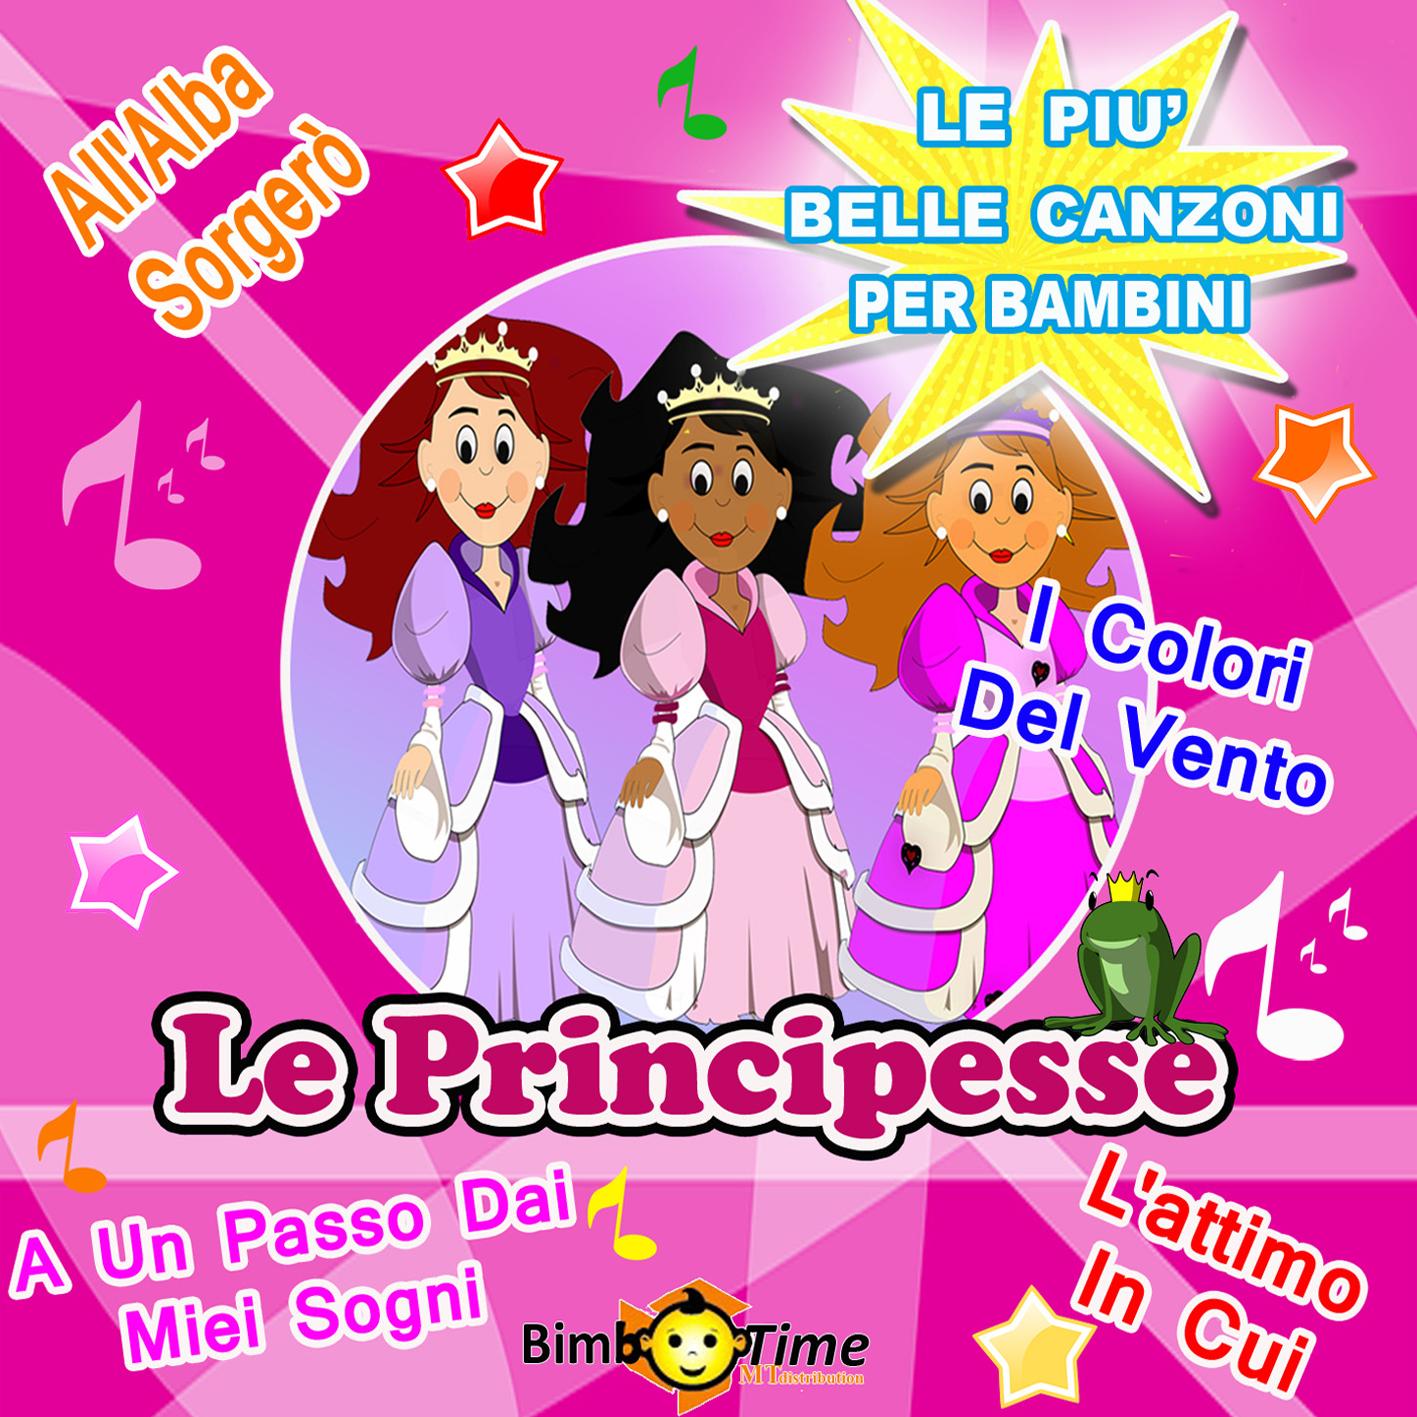 5 - Le Principesse - All'Alba Sorgerò, Il Cielo Toccherò, Tra Vento e Aria, Dio Fa Qualcosa, And Other 10 Hits